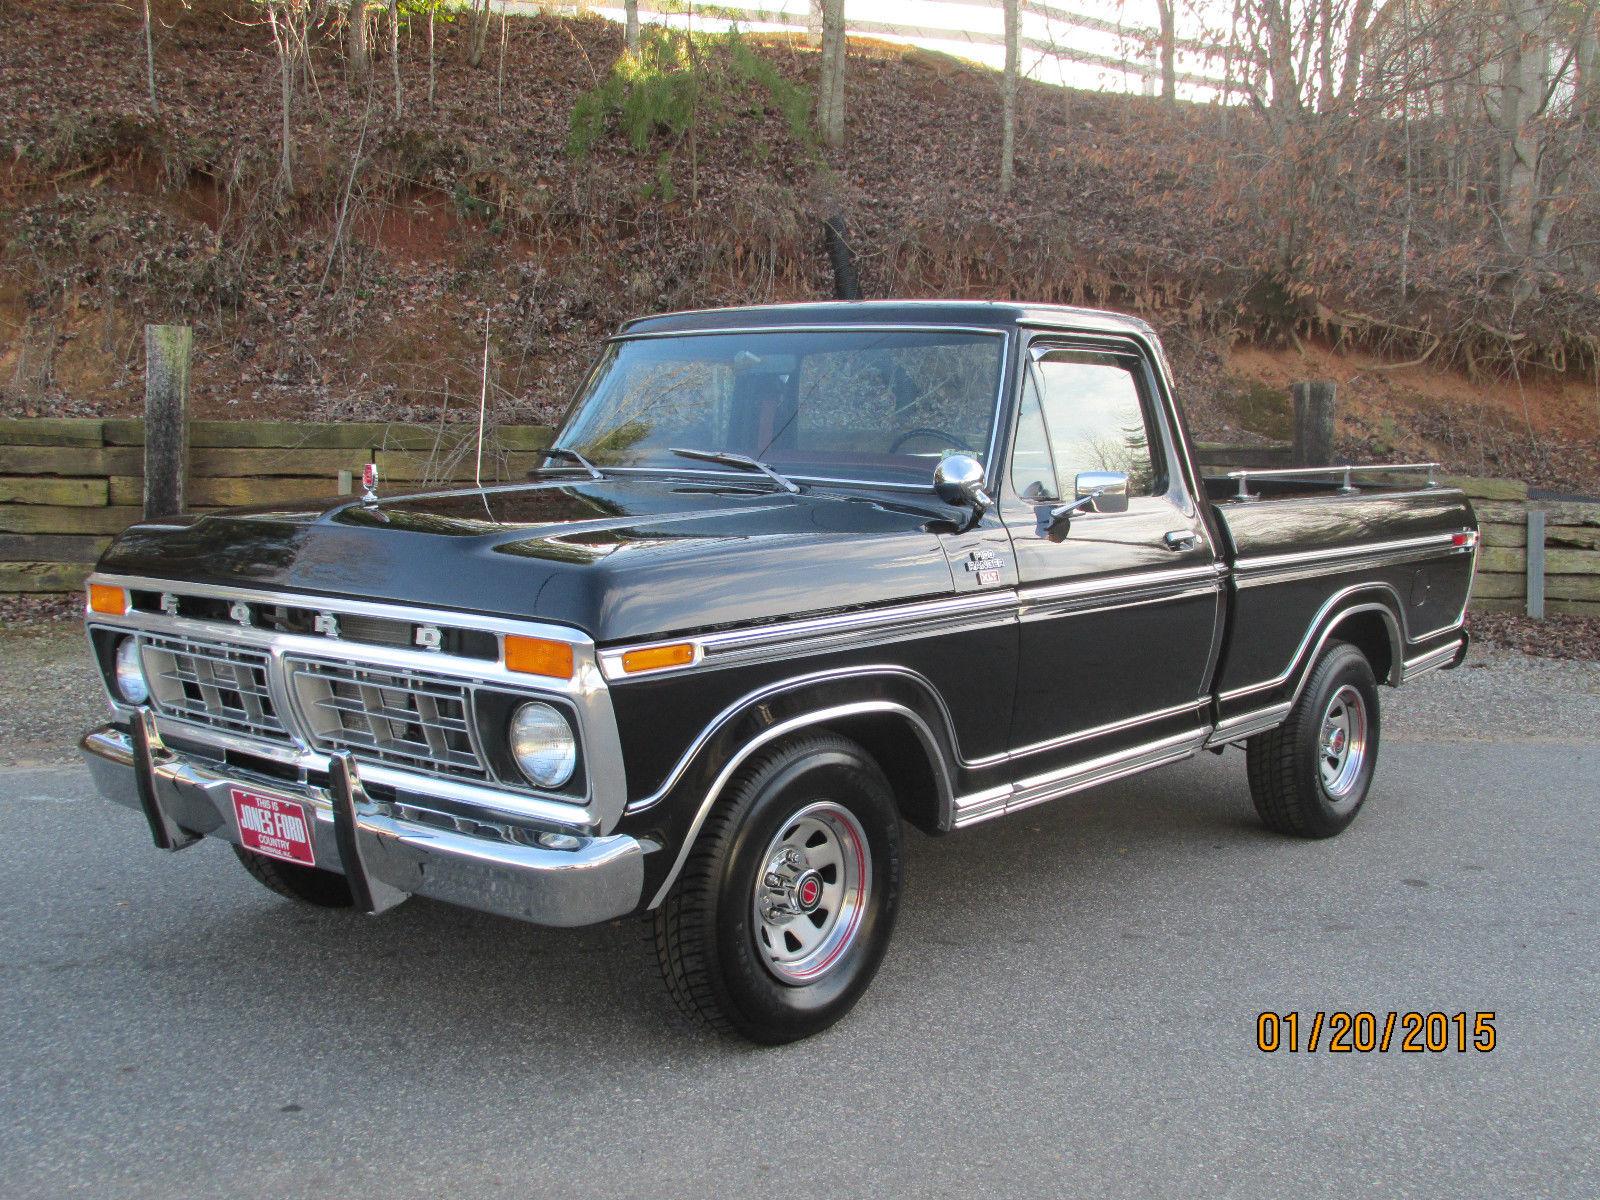 1977 ford ranger xlt f100 black 40k miles for sale in. Black Bedroom Furniture Sets. Home Design Ideas